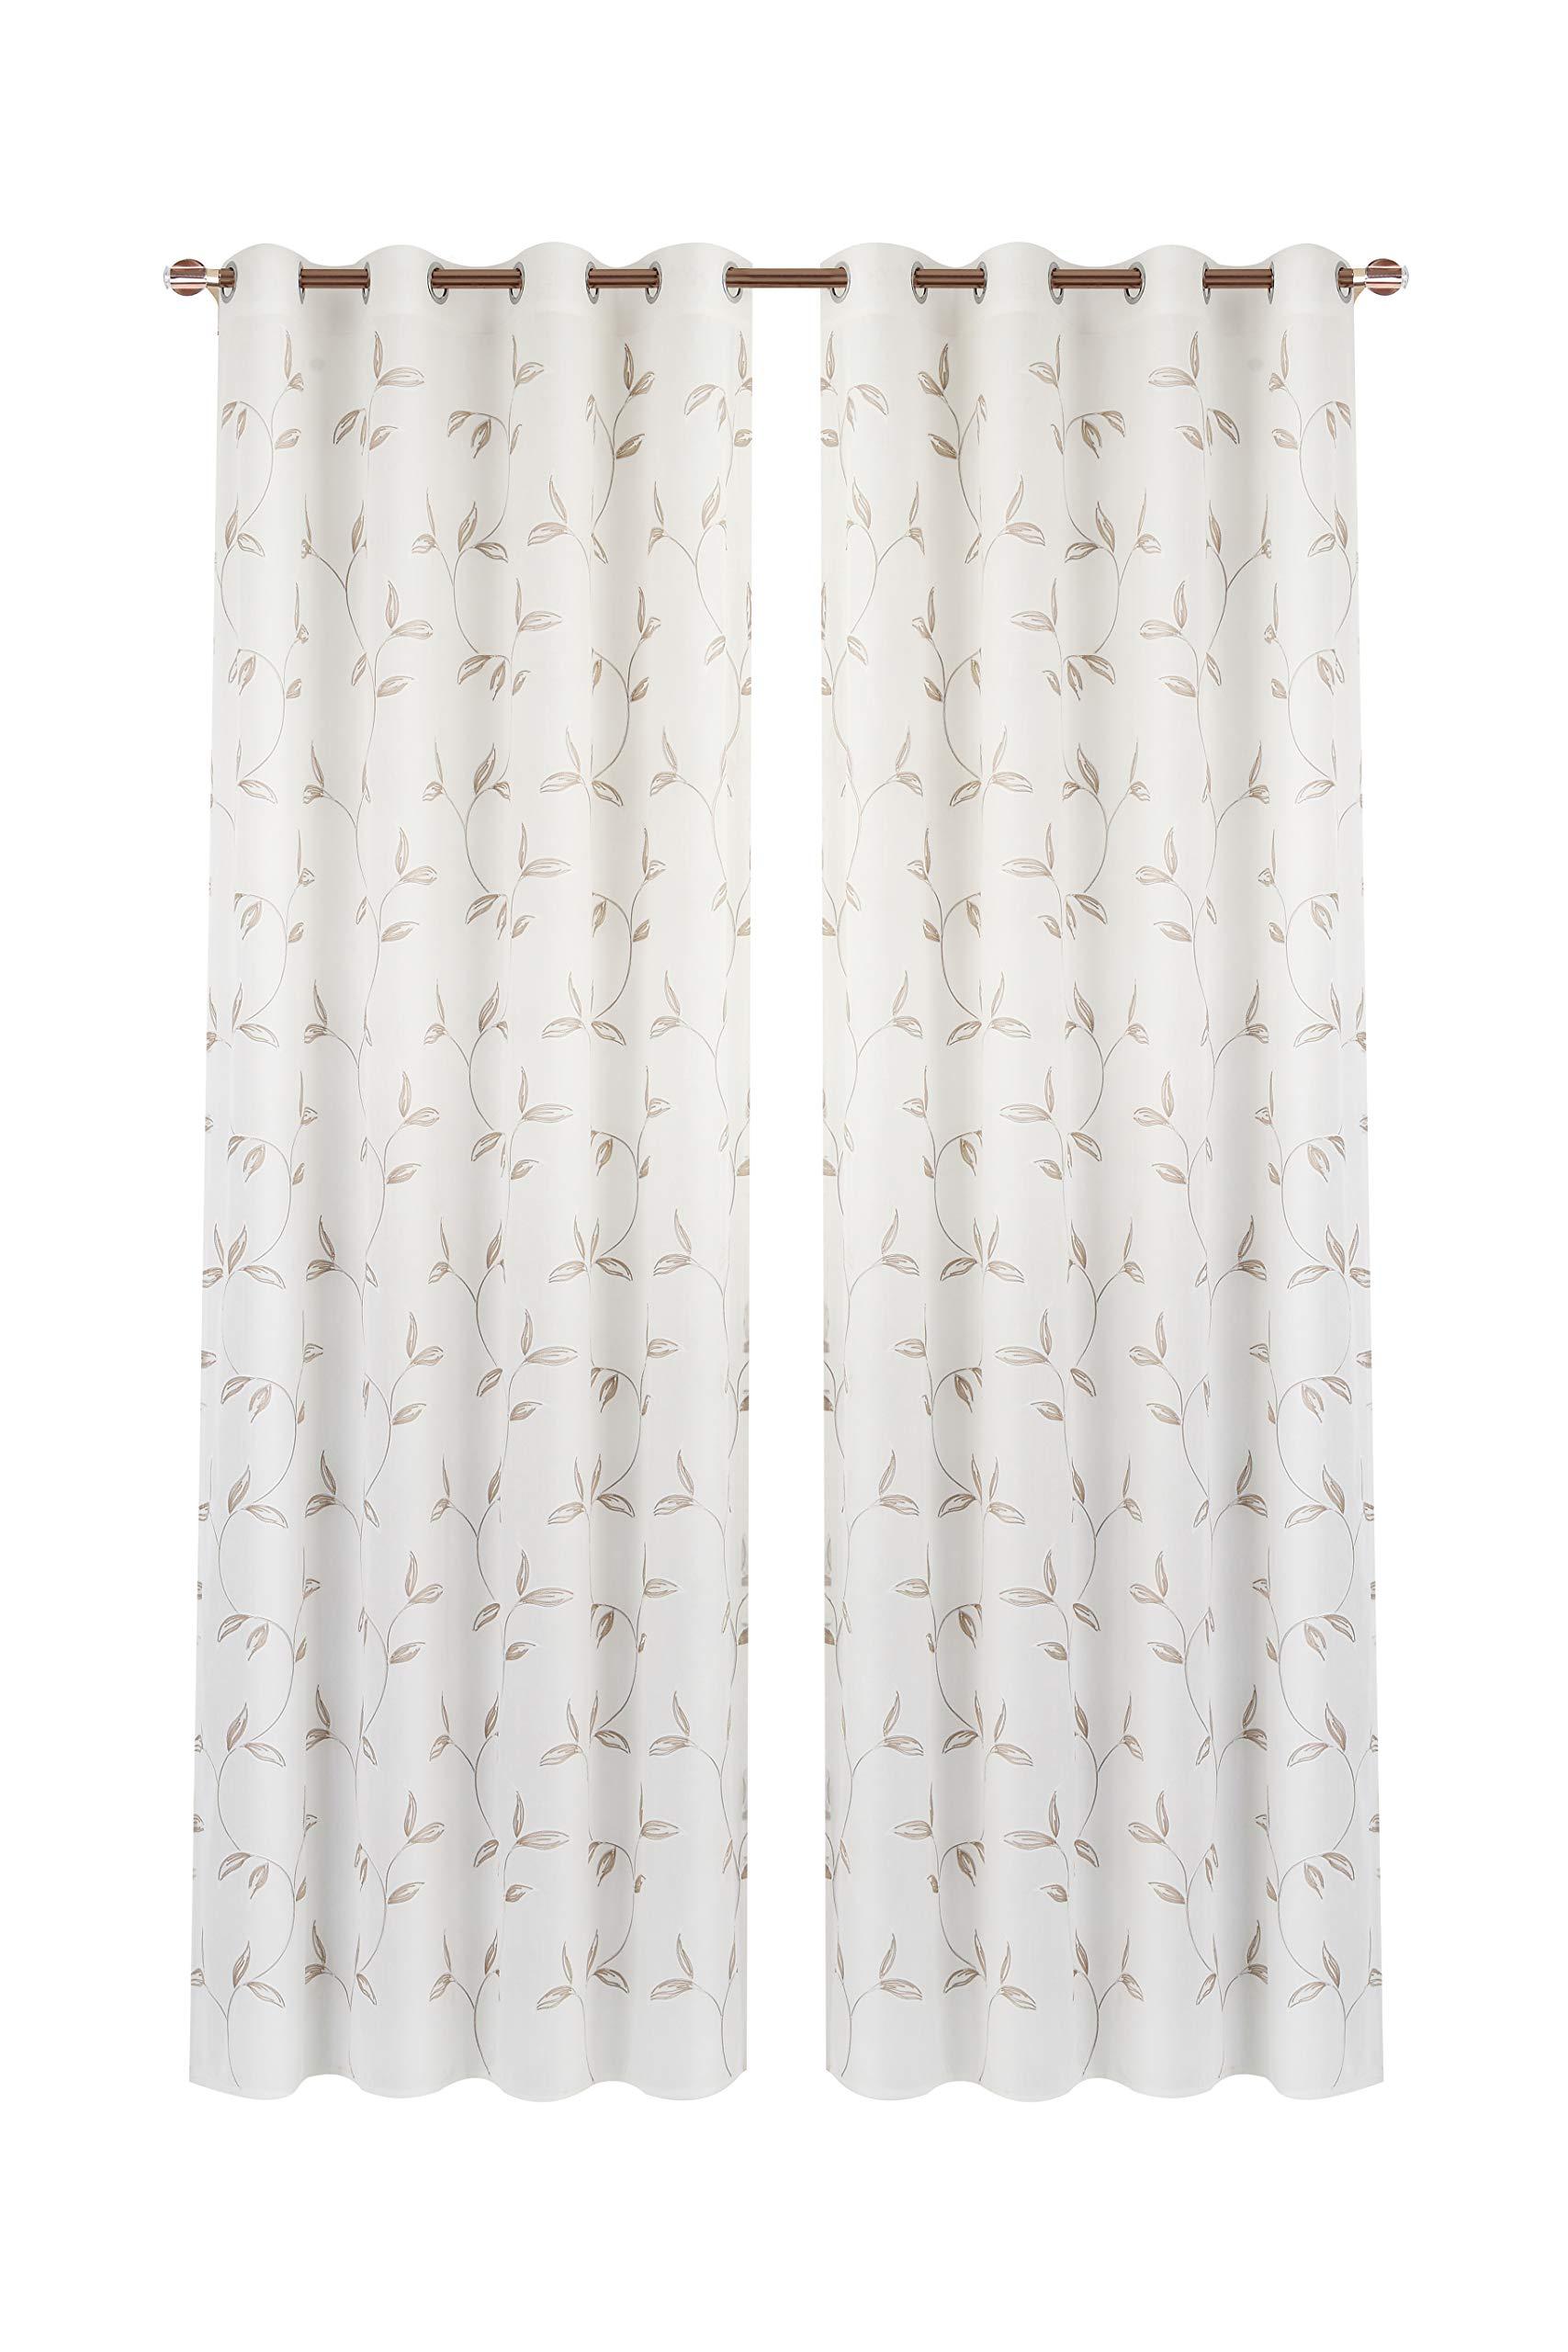 Rose Rameng 1PC Rideaux Voilages Rideaux Occultants enetre Rideau pour Chambre Salle de Bain 130cm x 100cm